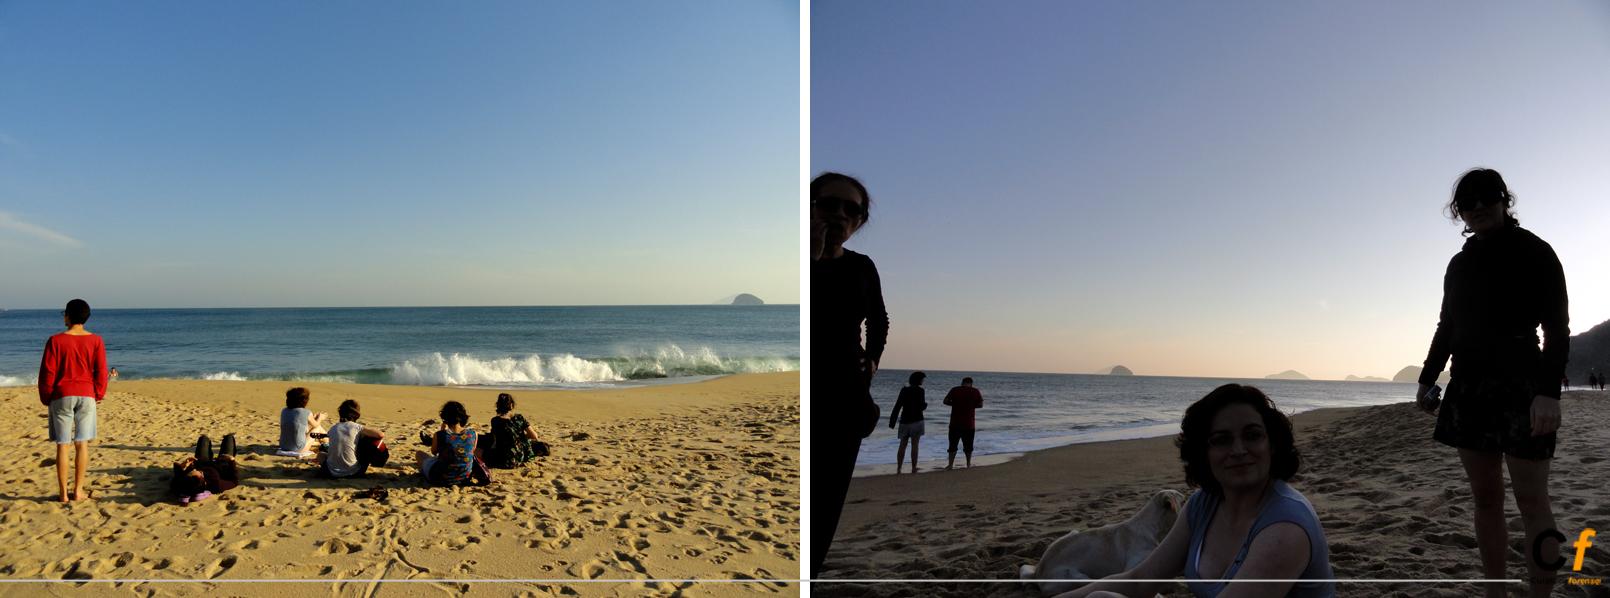 tarde en la praia de Boiçucanga, Sao Paulo, Brasil